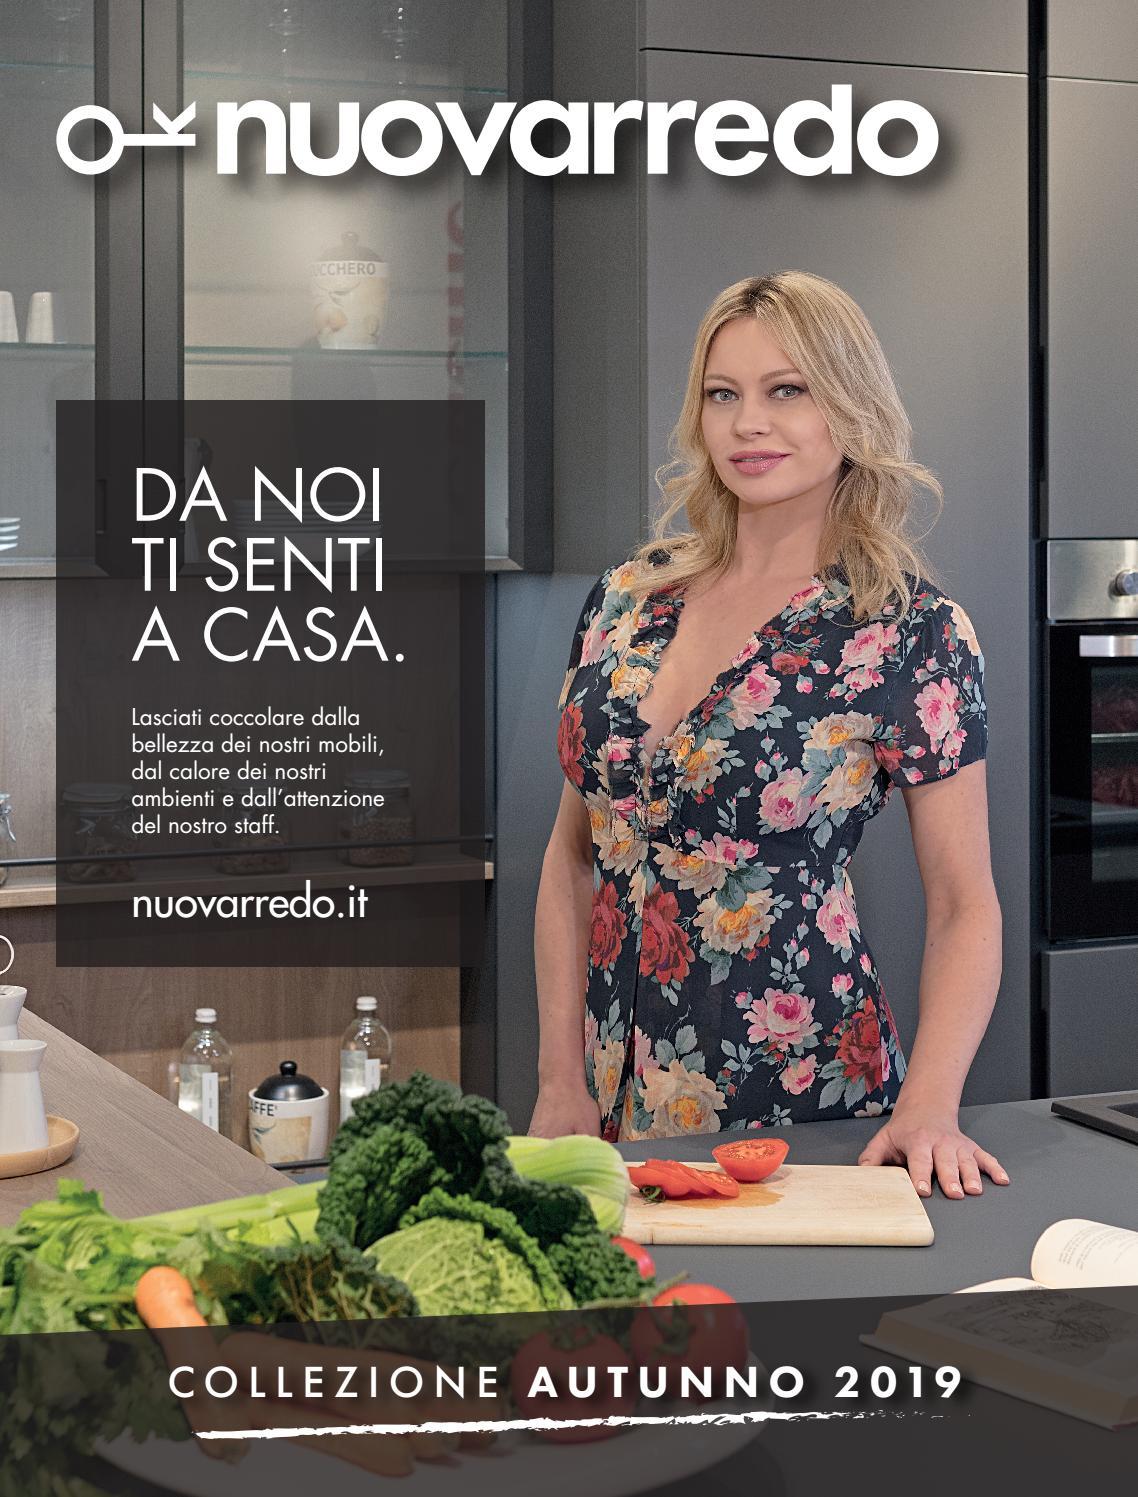 Nuovo Arredo Taranto Catalogo.Catalogo Ottobre 2019 By Nuovarredo Issuu